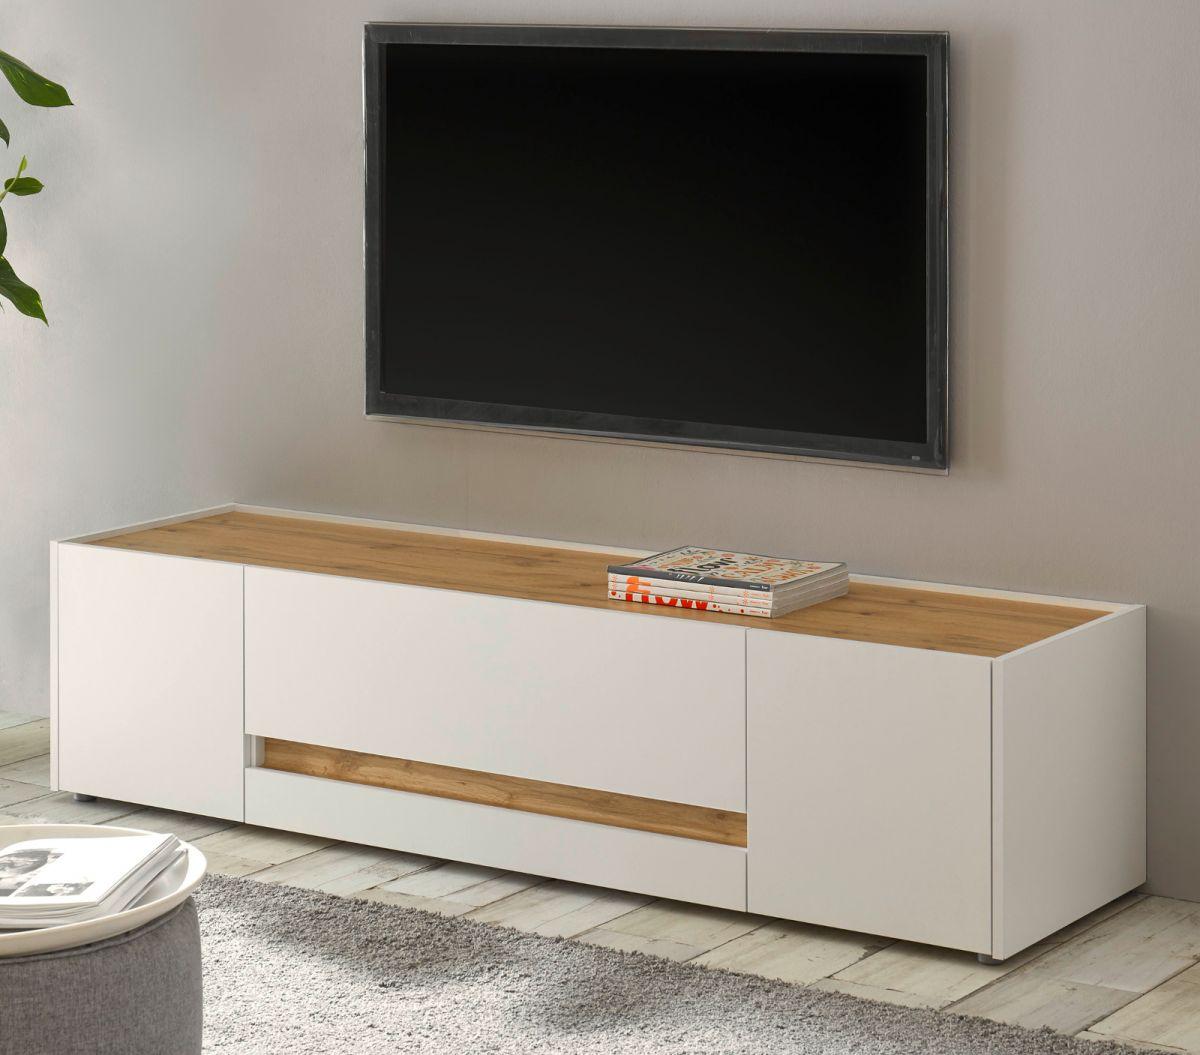 TV-Lowboard Center in weiss und Eiche Wotan 170 cm